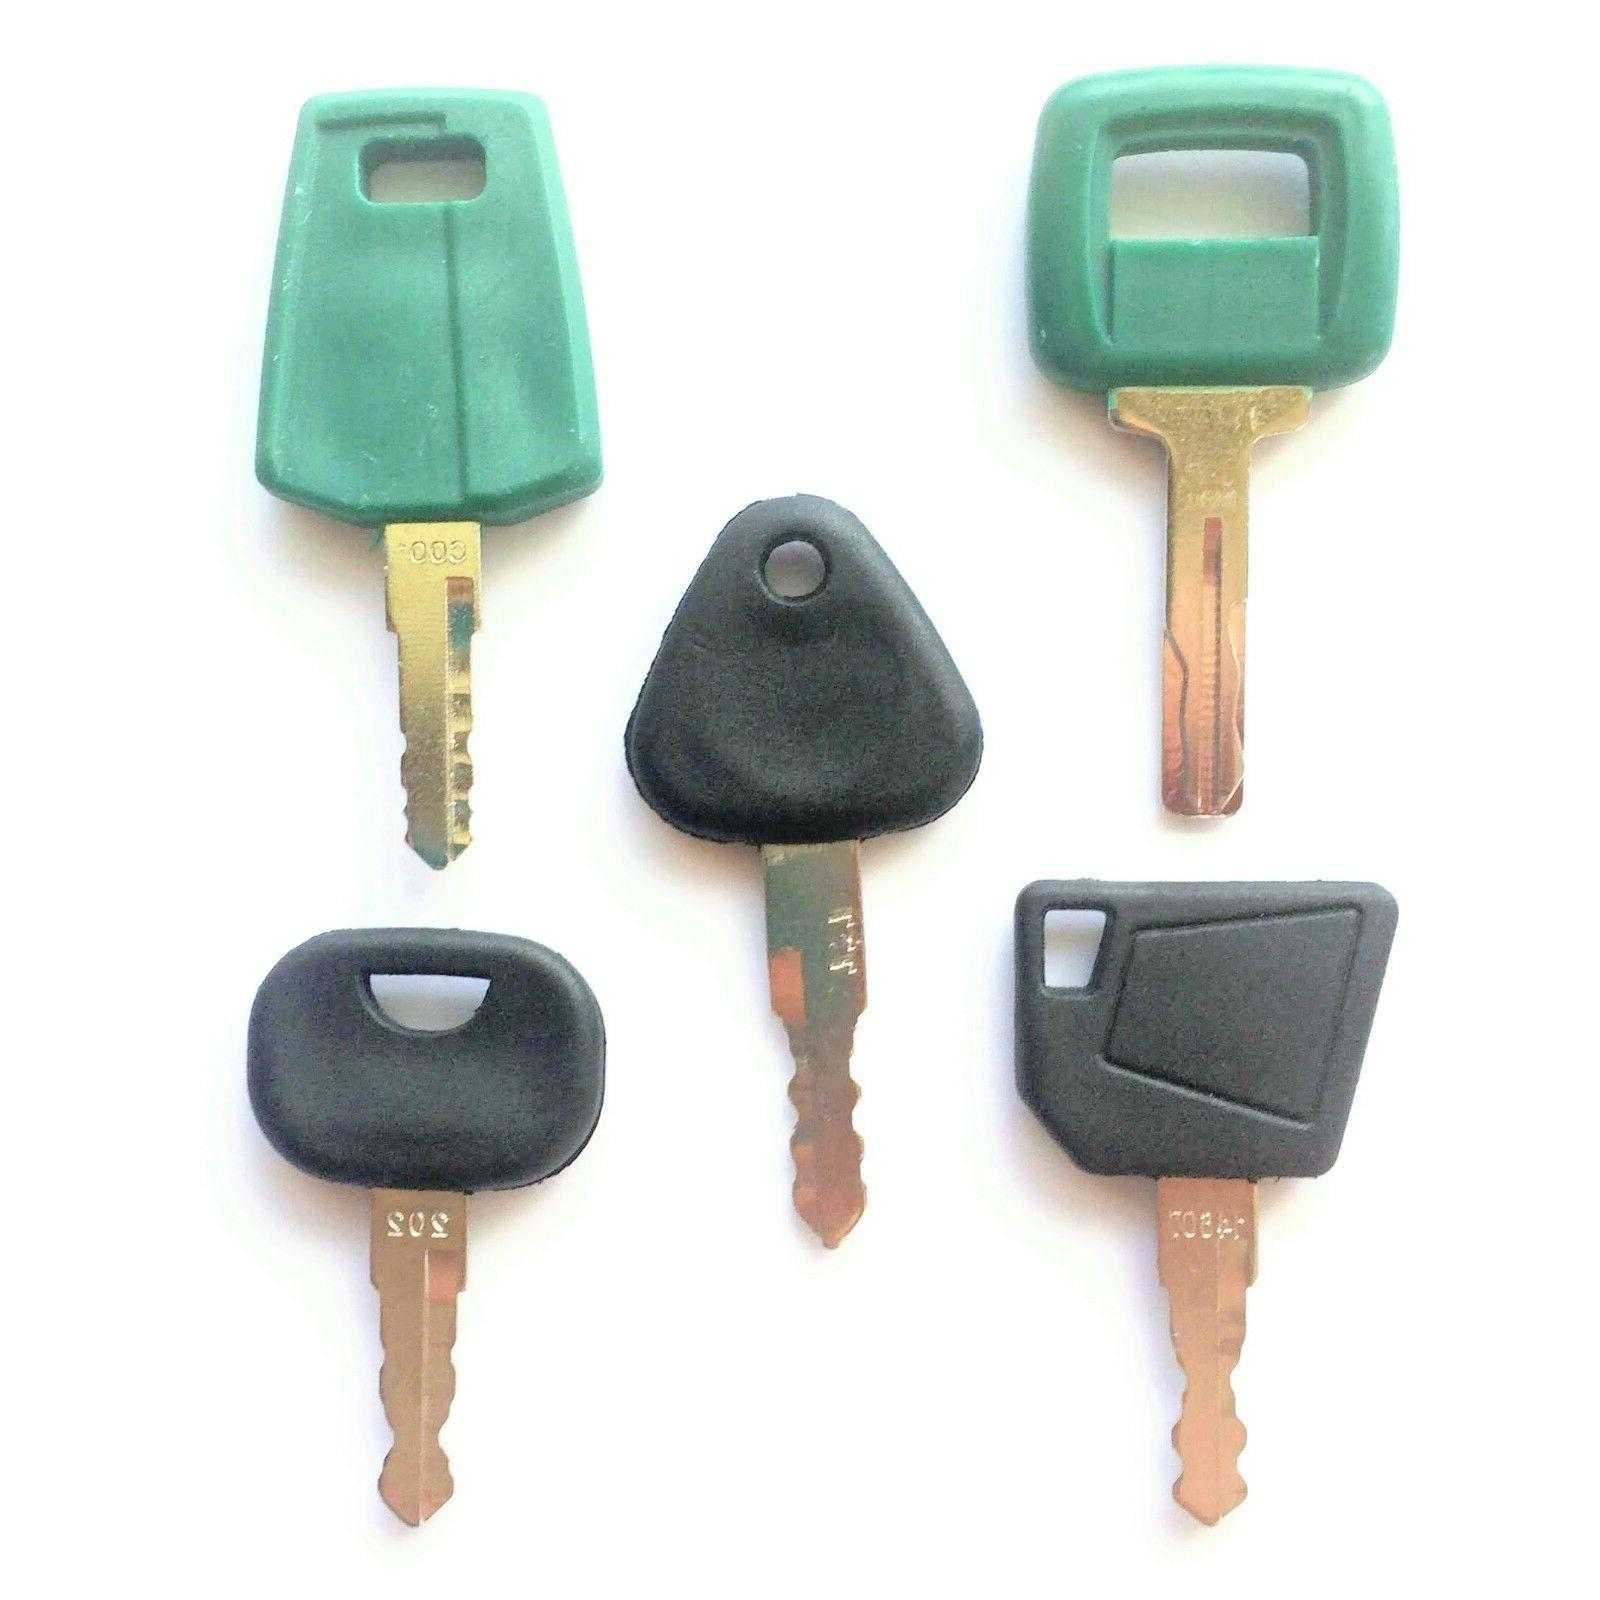 Volvo Equipment Ignition Keys - Heavy Equipment Key Set wit